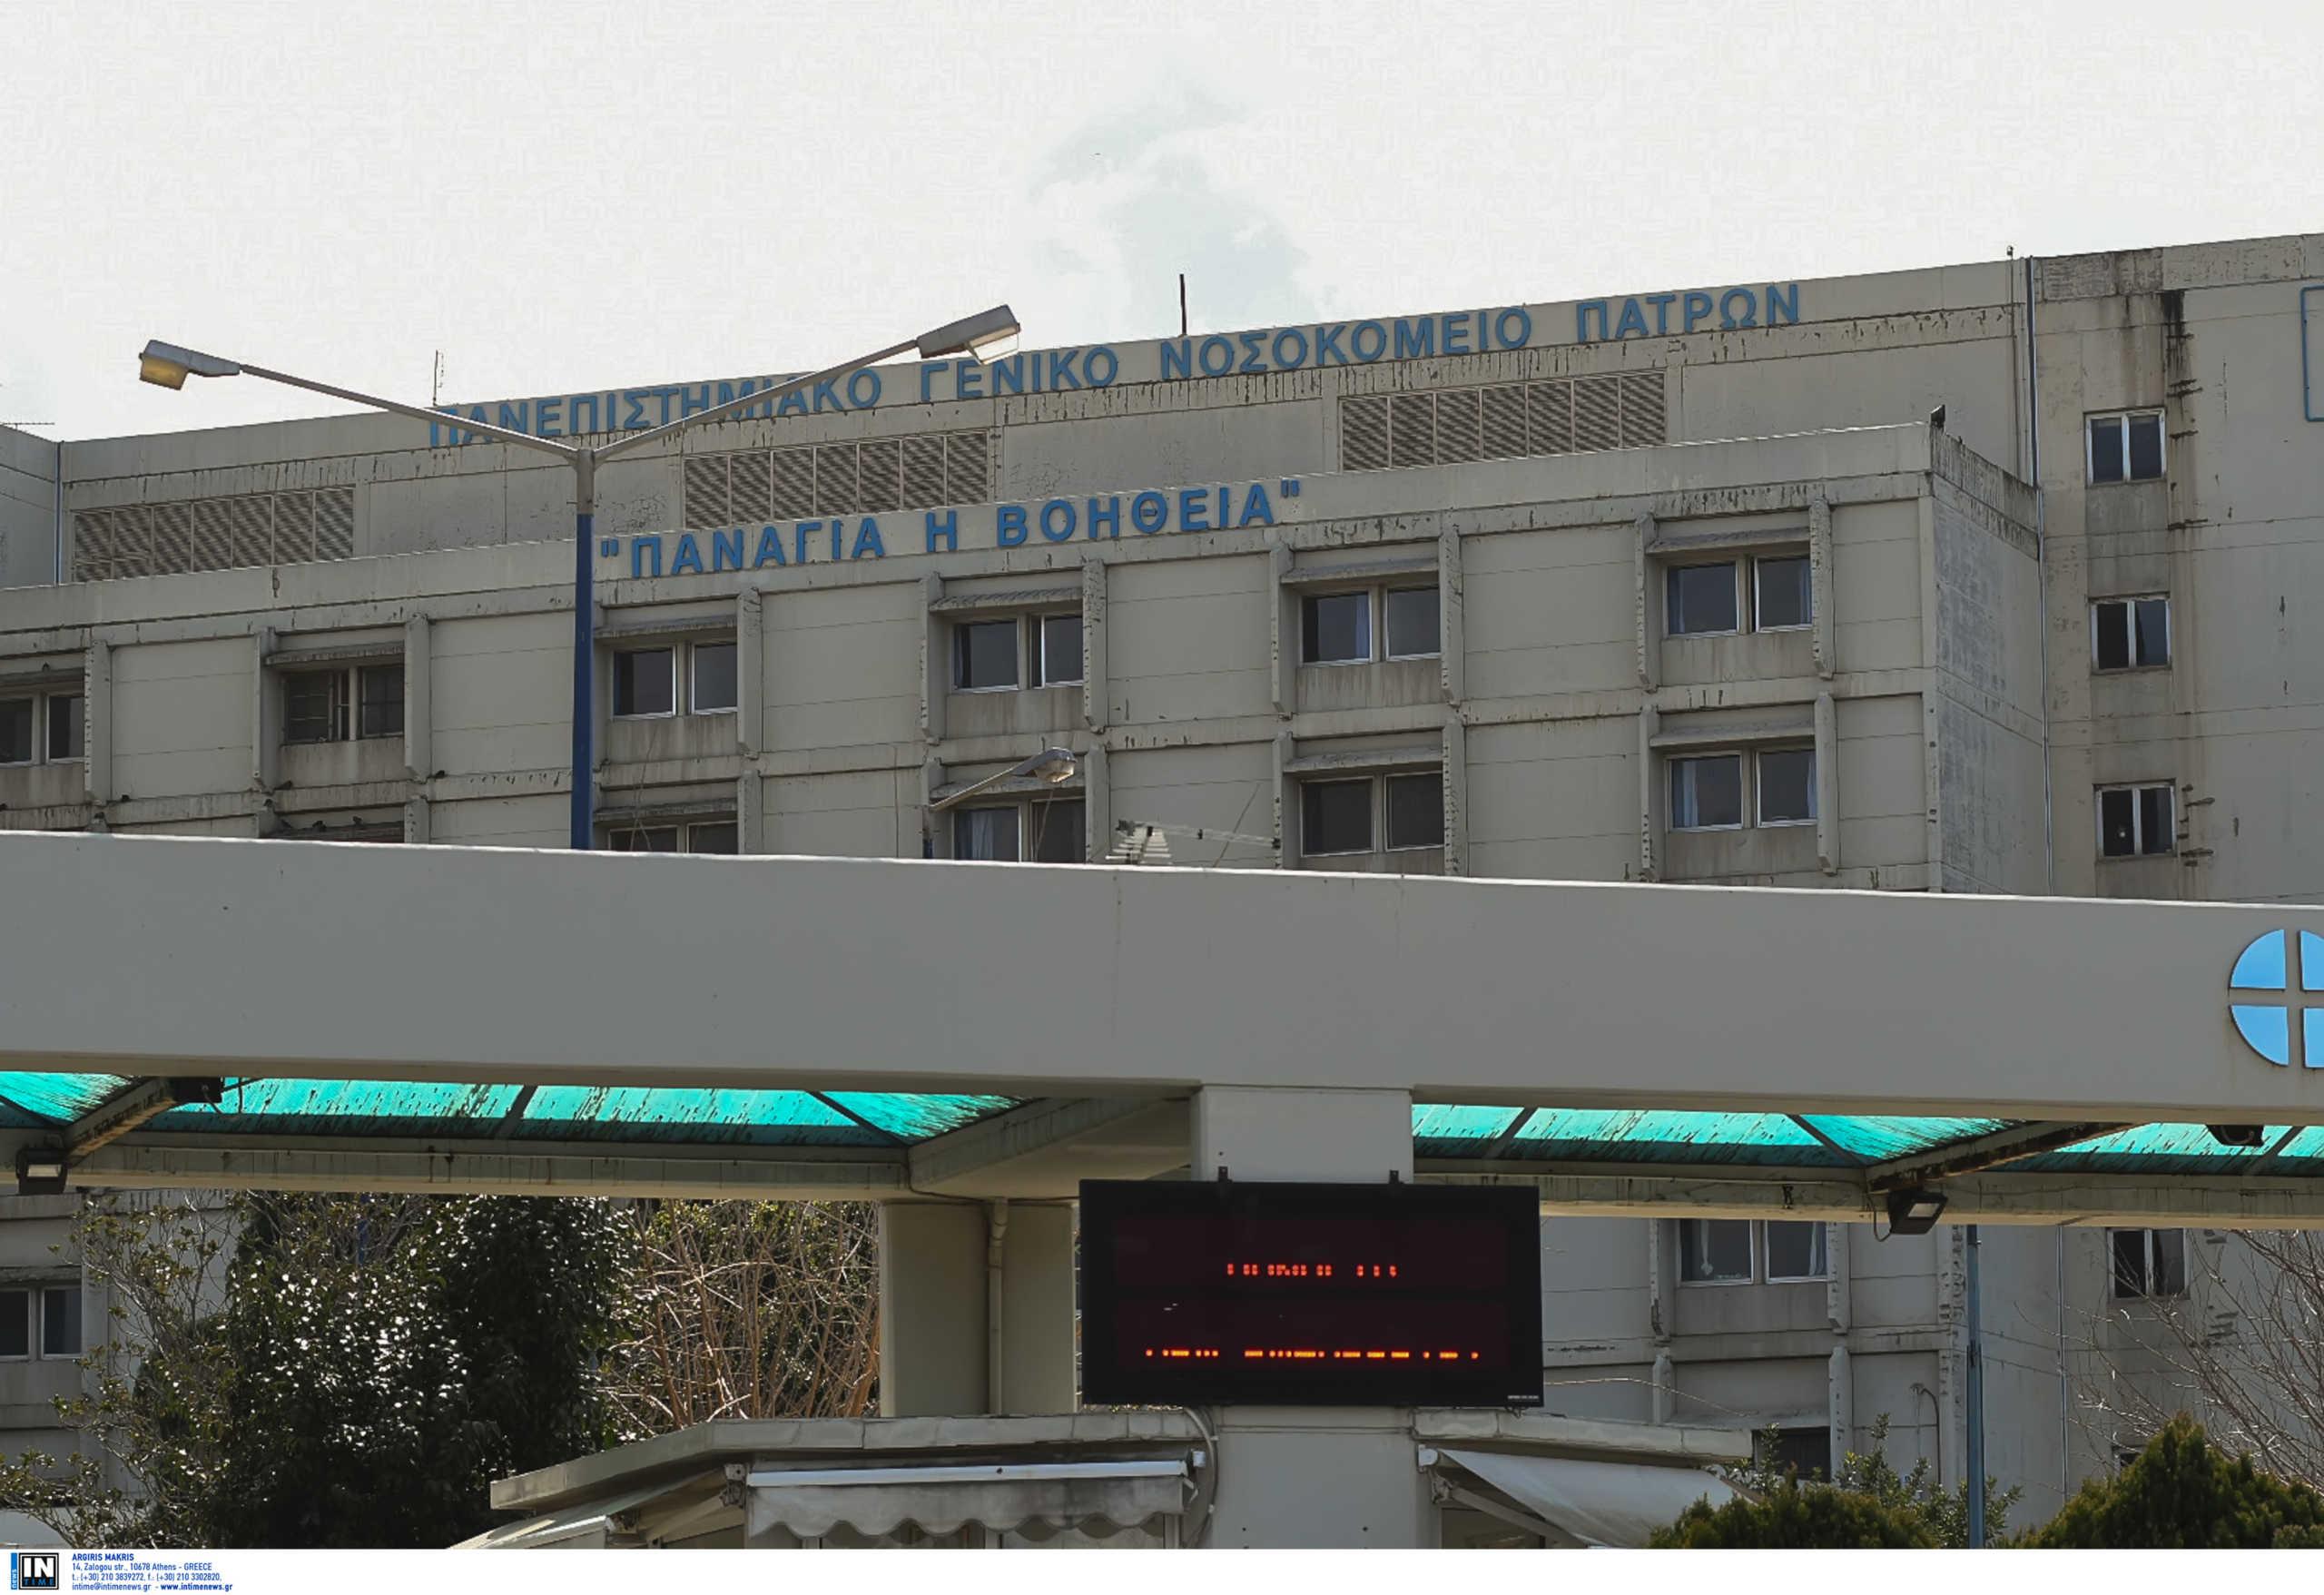 Νοσηλεύτρια στην Πάτρα: Έκανες το εμβόλιο για τον κορονοϊό; Θα πάθεις καρκίνο σαν τον πατέρα σου